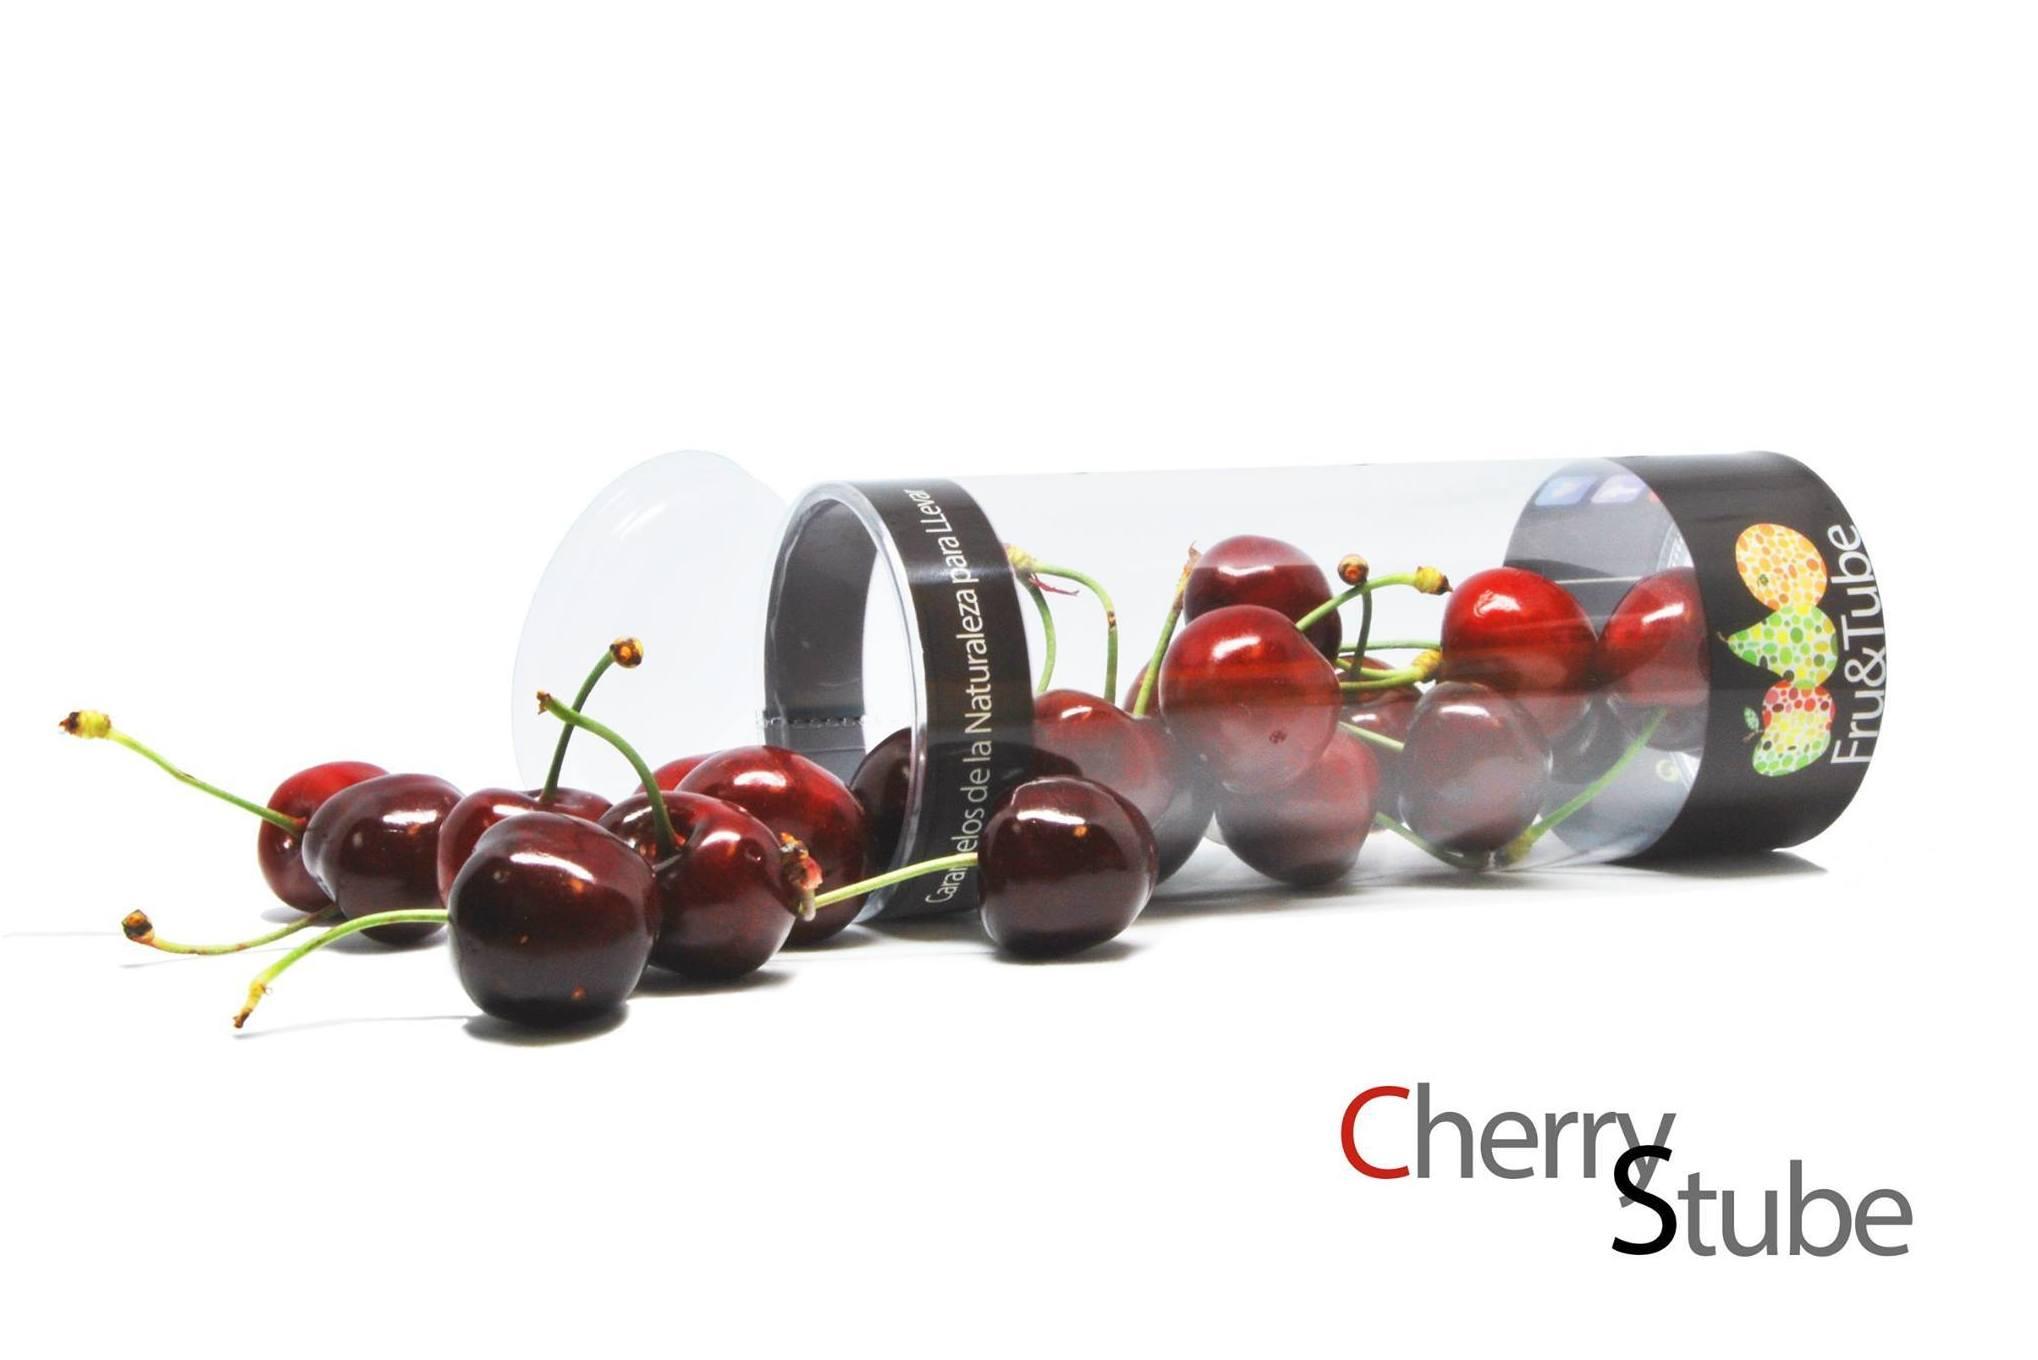 Nuevo formato de fruta envasada para máquinas de vending, hoteles....